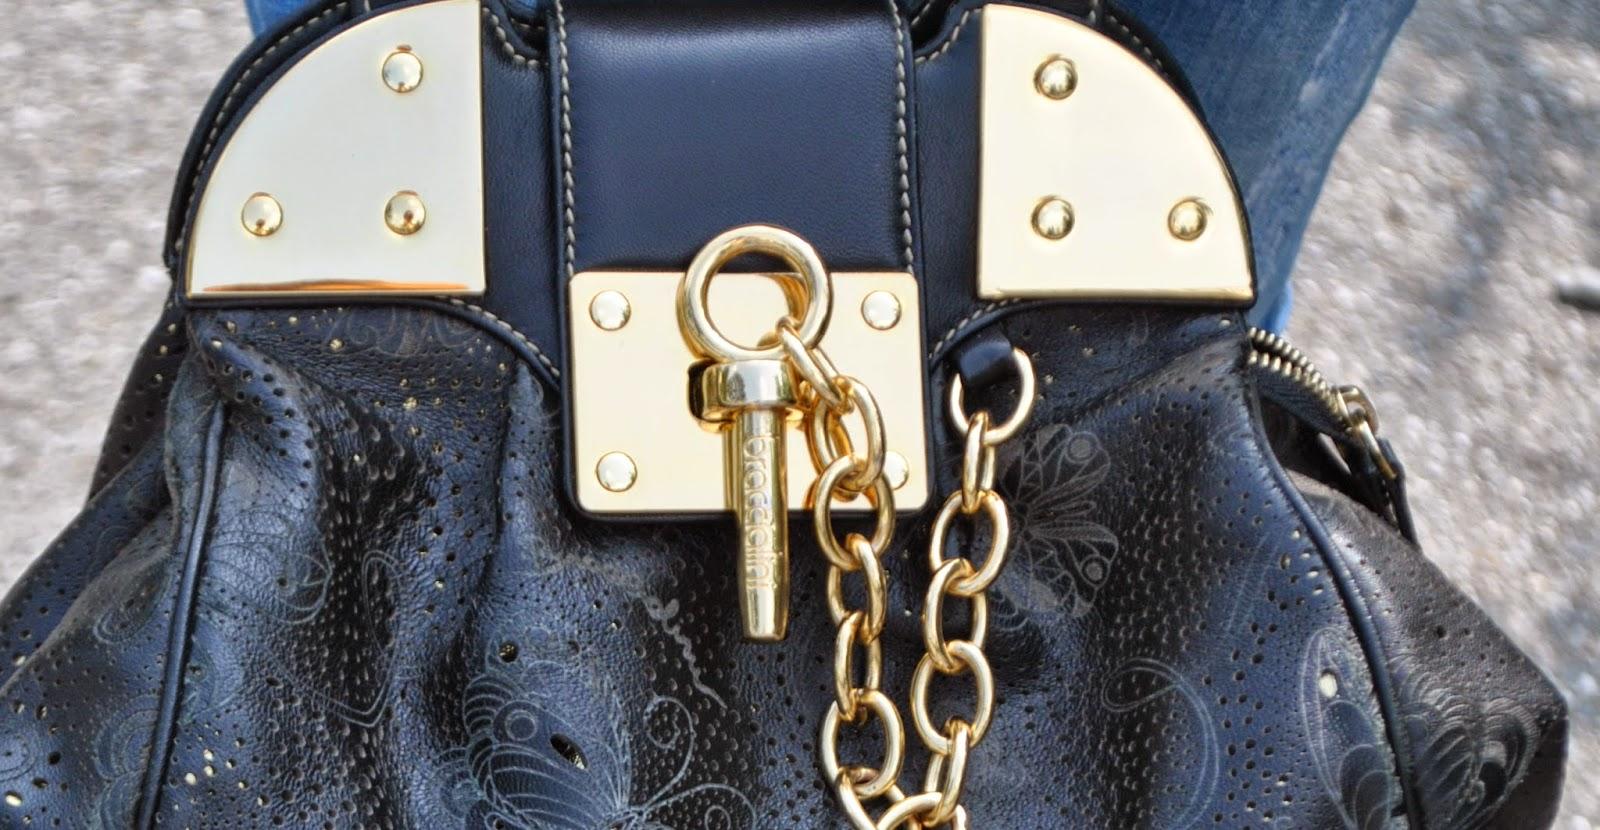 borsa in pelle nera braccialini borsa in pelle nera borsa braccialini mariafelicia magno fashion blogger colorblock by  felym  fashion blog italiani blog di moda